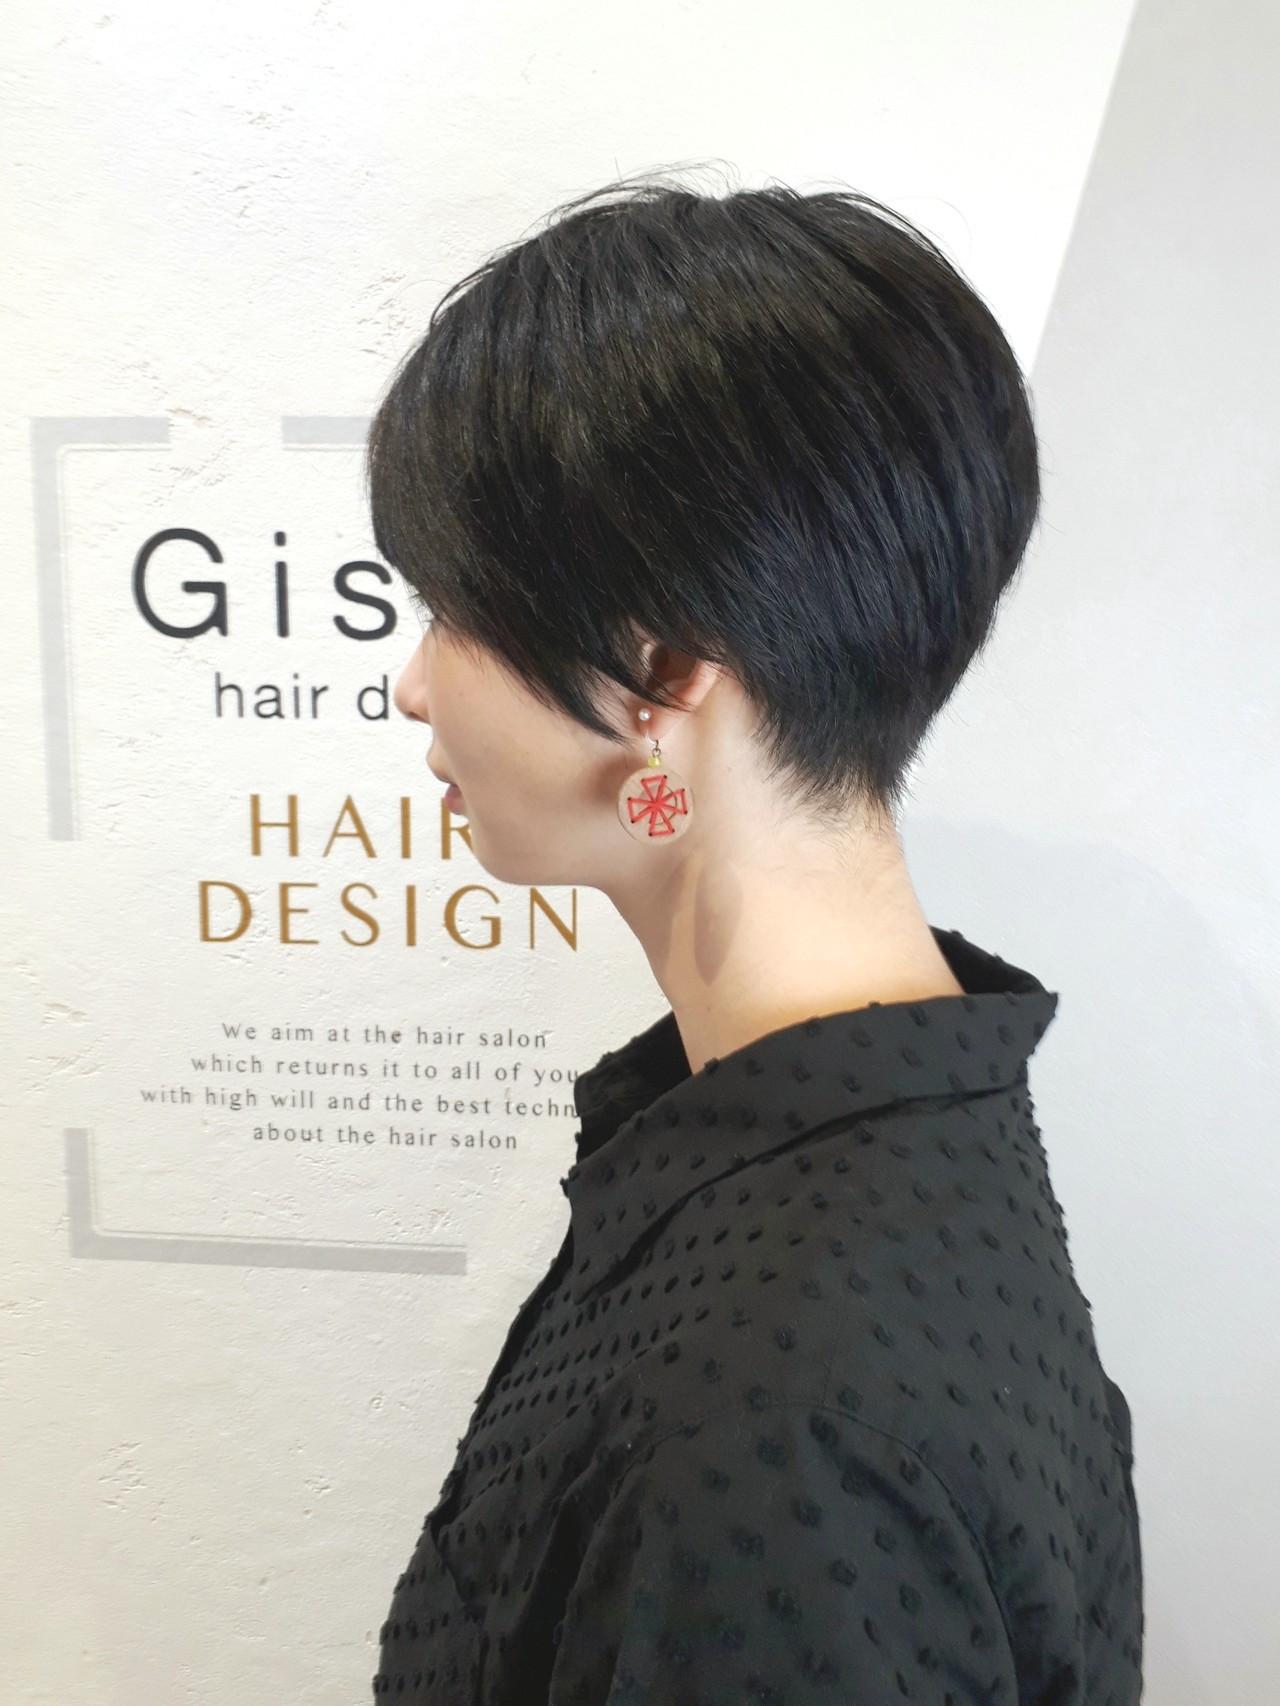 ベリーショート ツーブロック ボーイッシュ モード ヘアスタイルや髪型の写真・画像